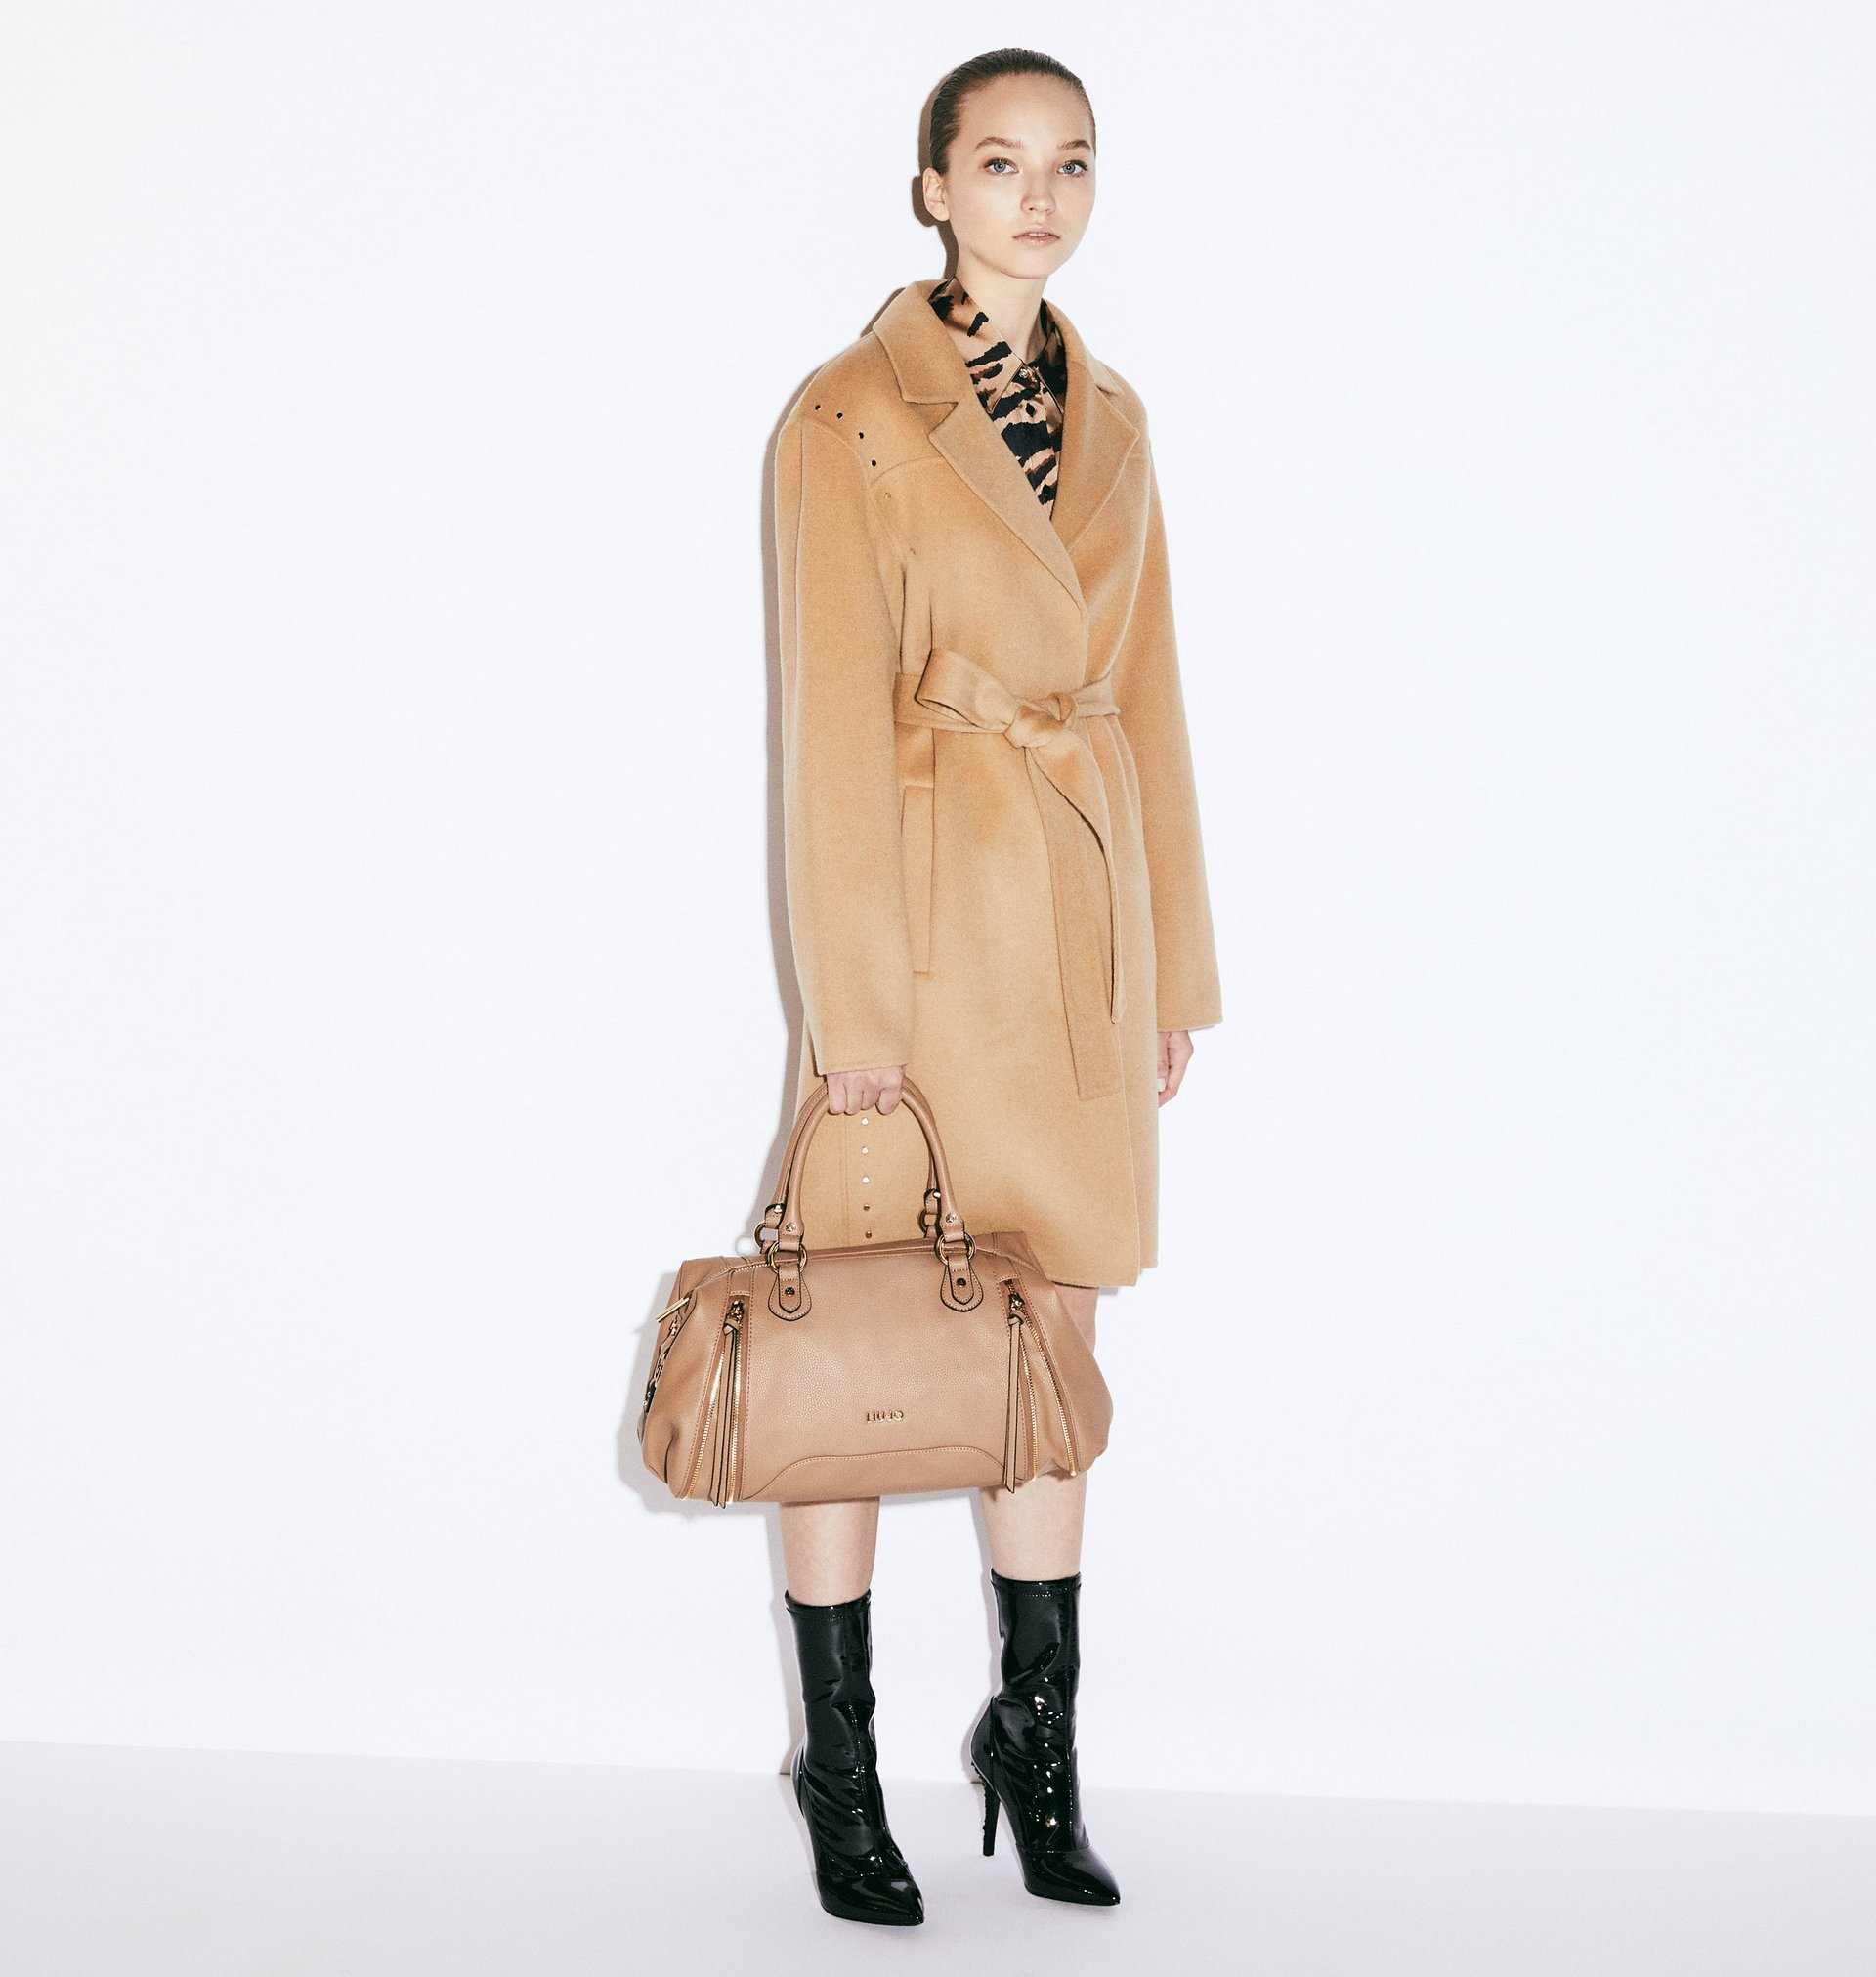 Jesień we włoskim stylu – kolekcja płaszczy i kurtek marki Liu Jo A/W 2019/20